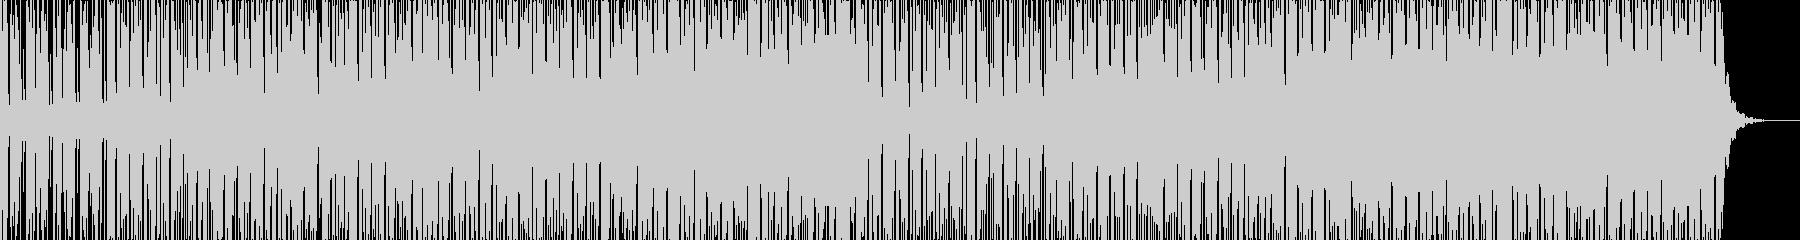 主人公クール空間系ロックエレクトロの未再生の波形